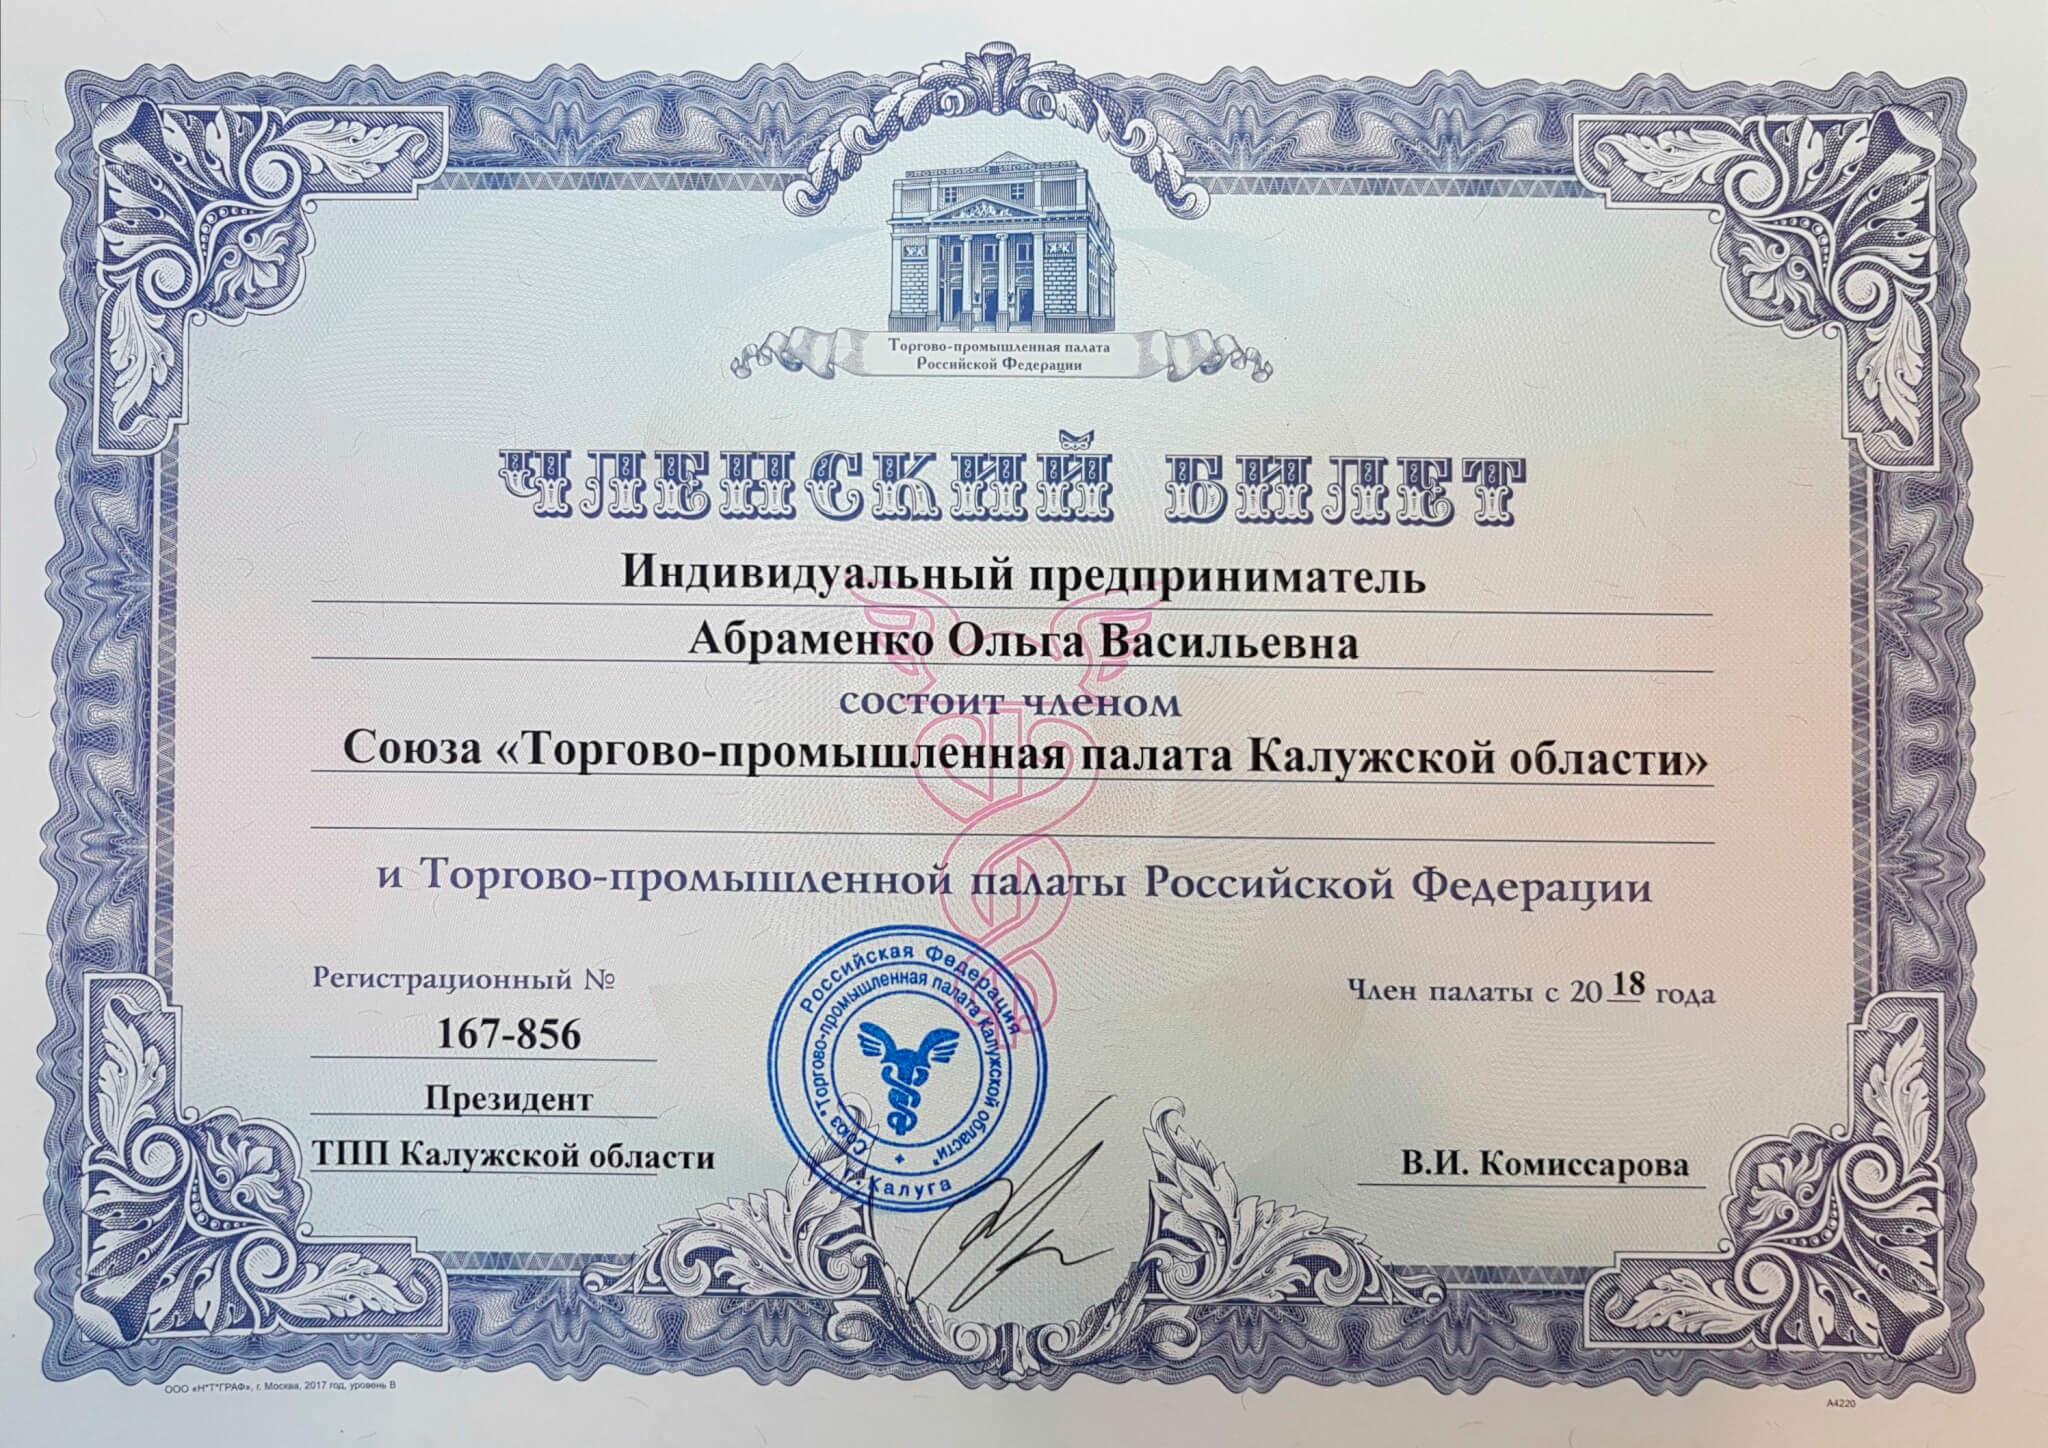 26 октября 2018 года состоялось для меня знаковое событие, я стала участником «Торгово- промышленной палаты Калужской области».